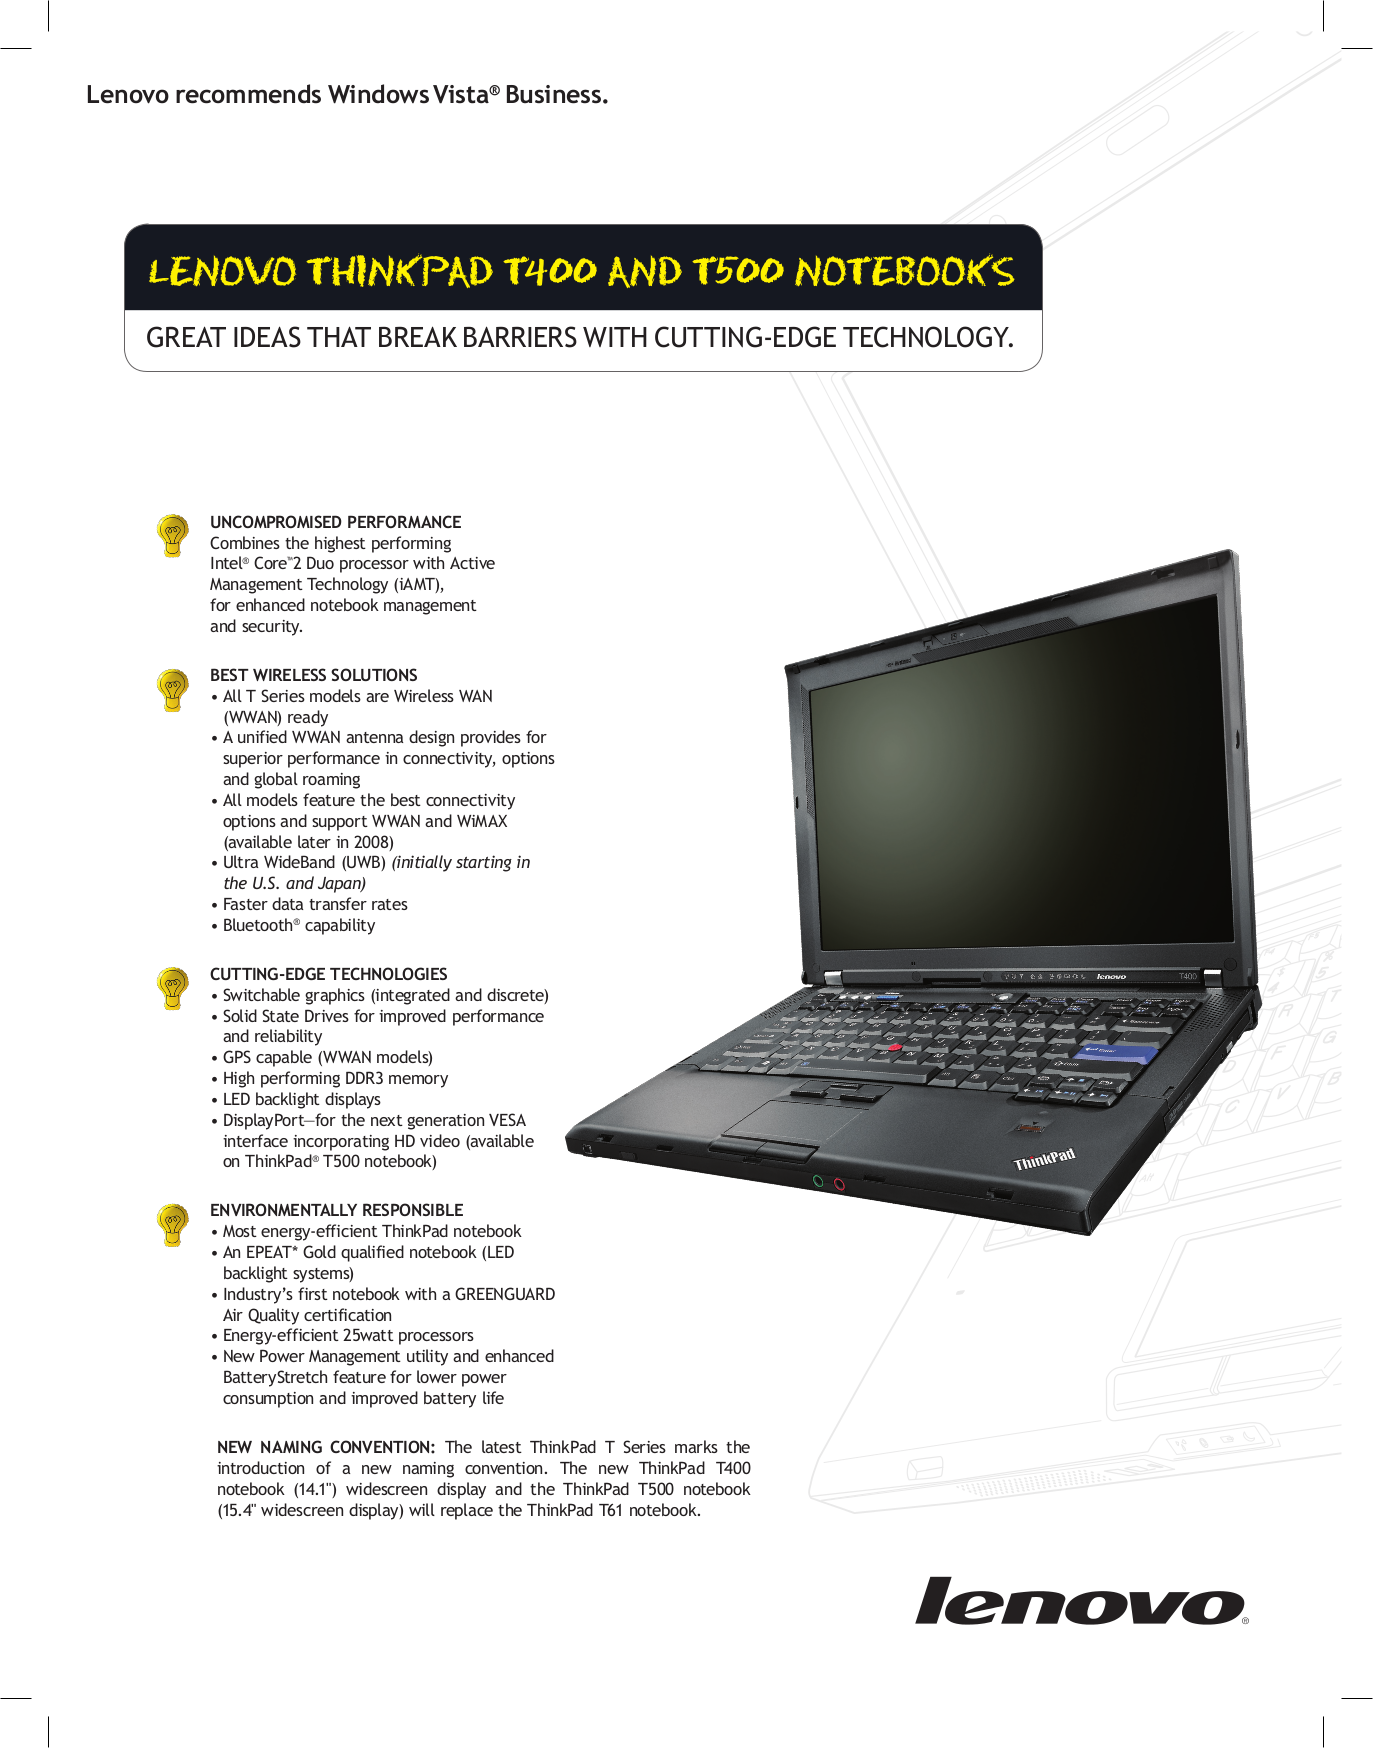 download free pdf for lenovo thinkpad r400 7440 laptop manual rh umlib com lenovo r400 maintenance manual lenovo r400 manual